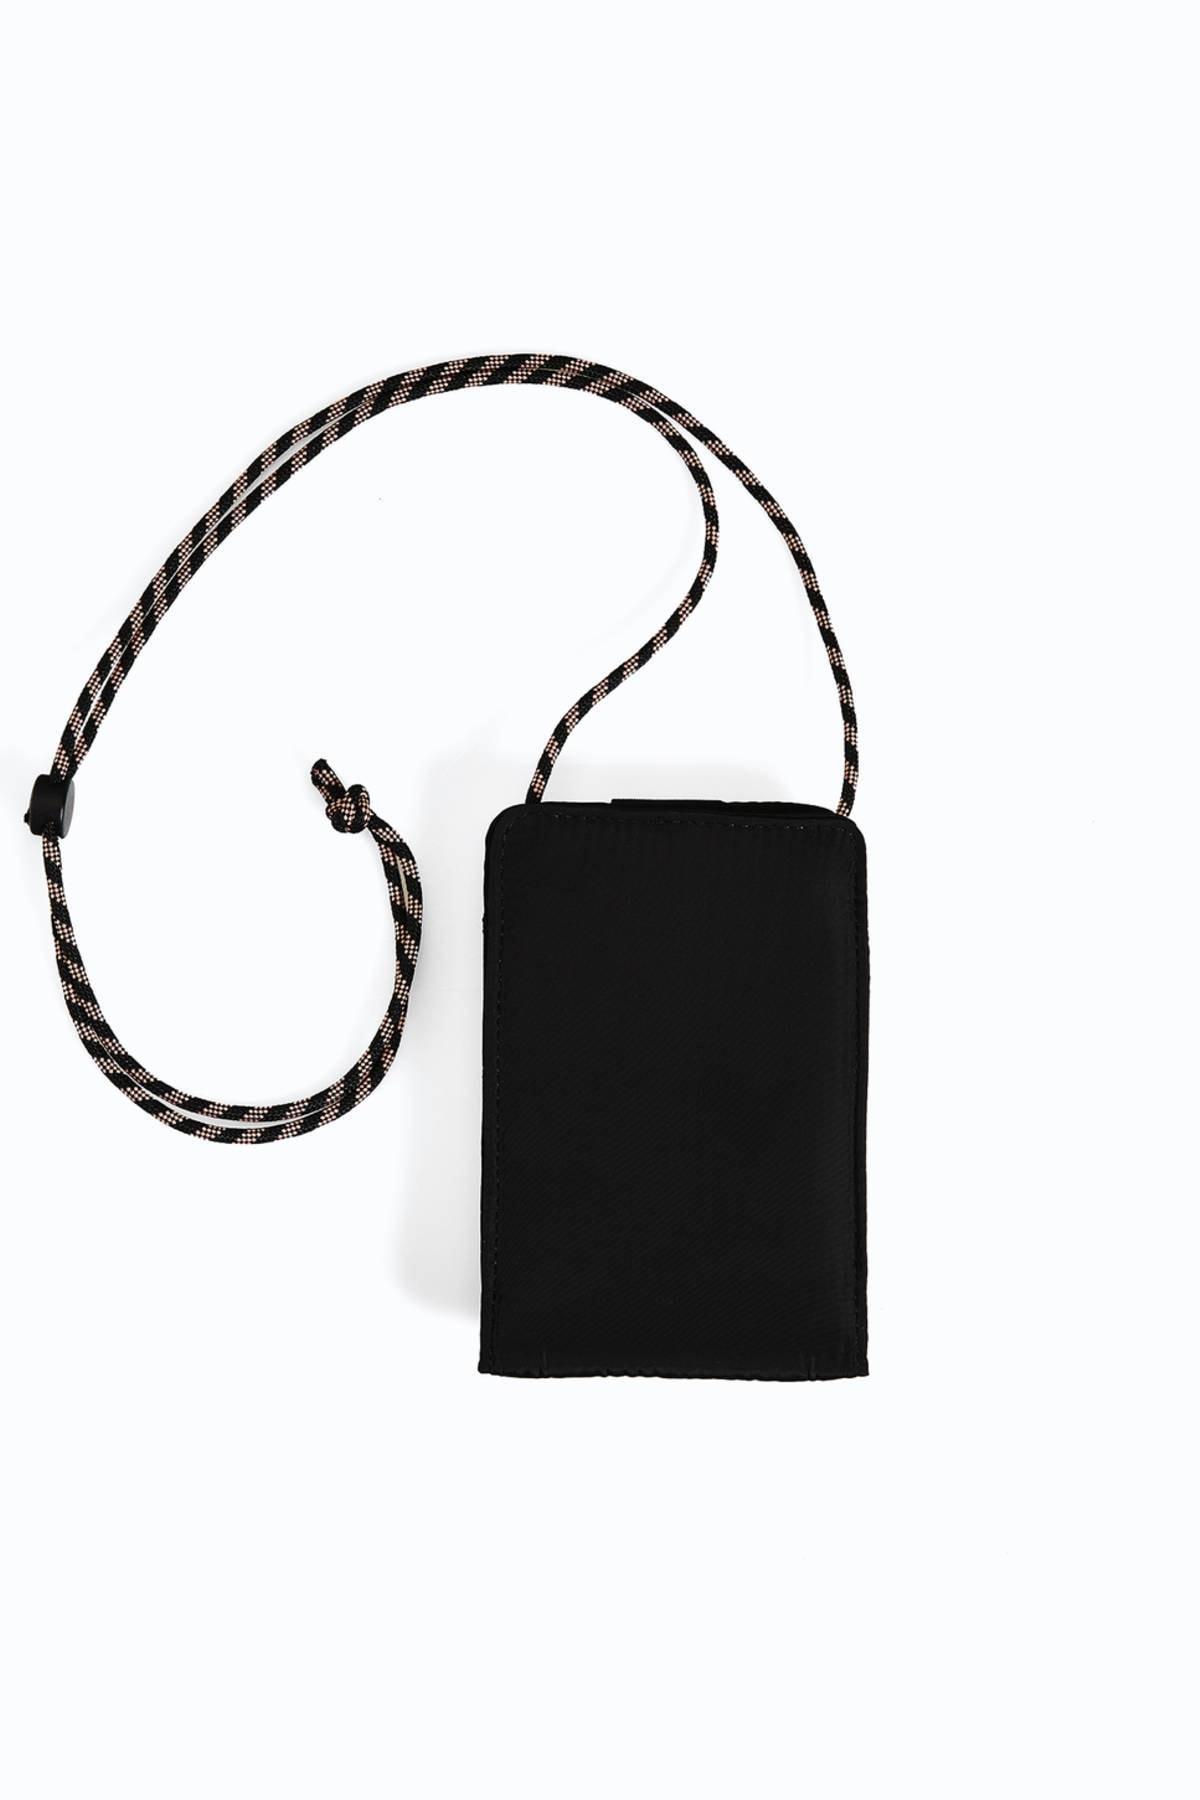 Oysho Kadın Siyah Omuz Askılı Cep Telefonu Çantası 2